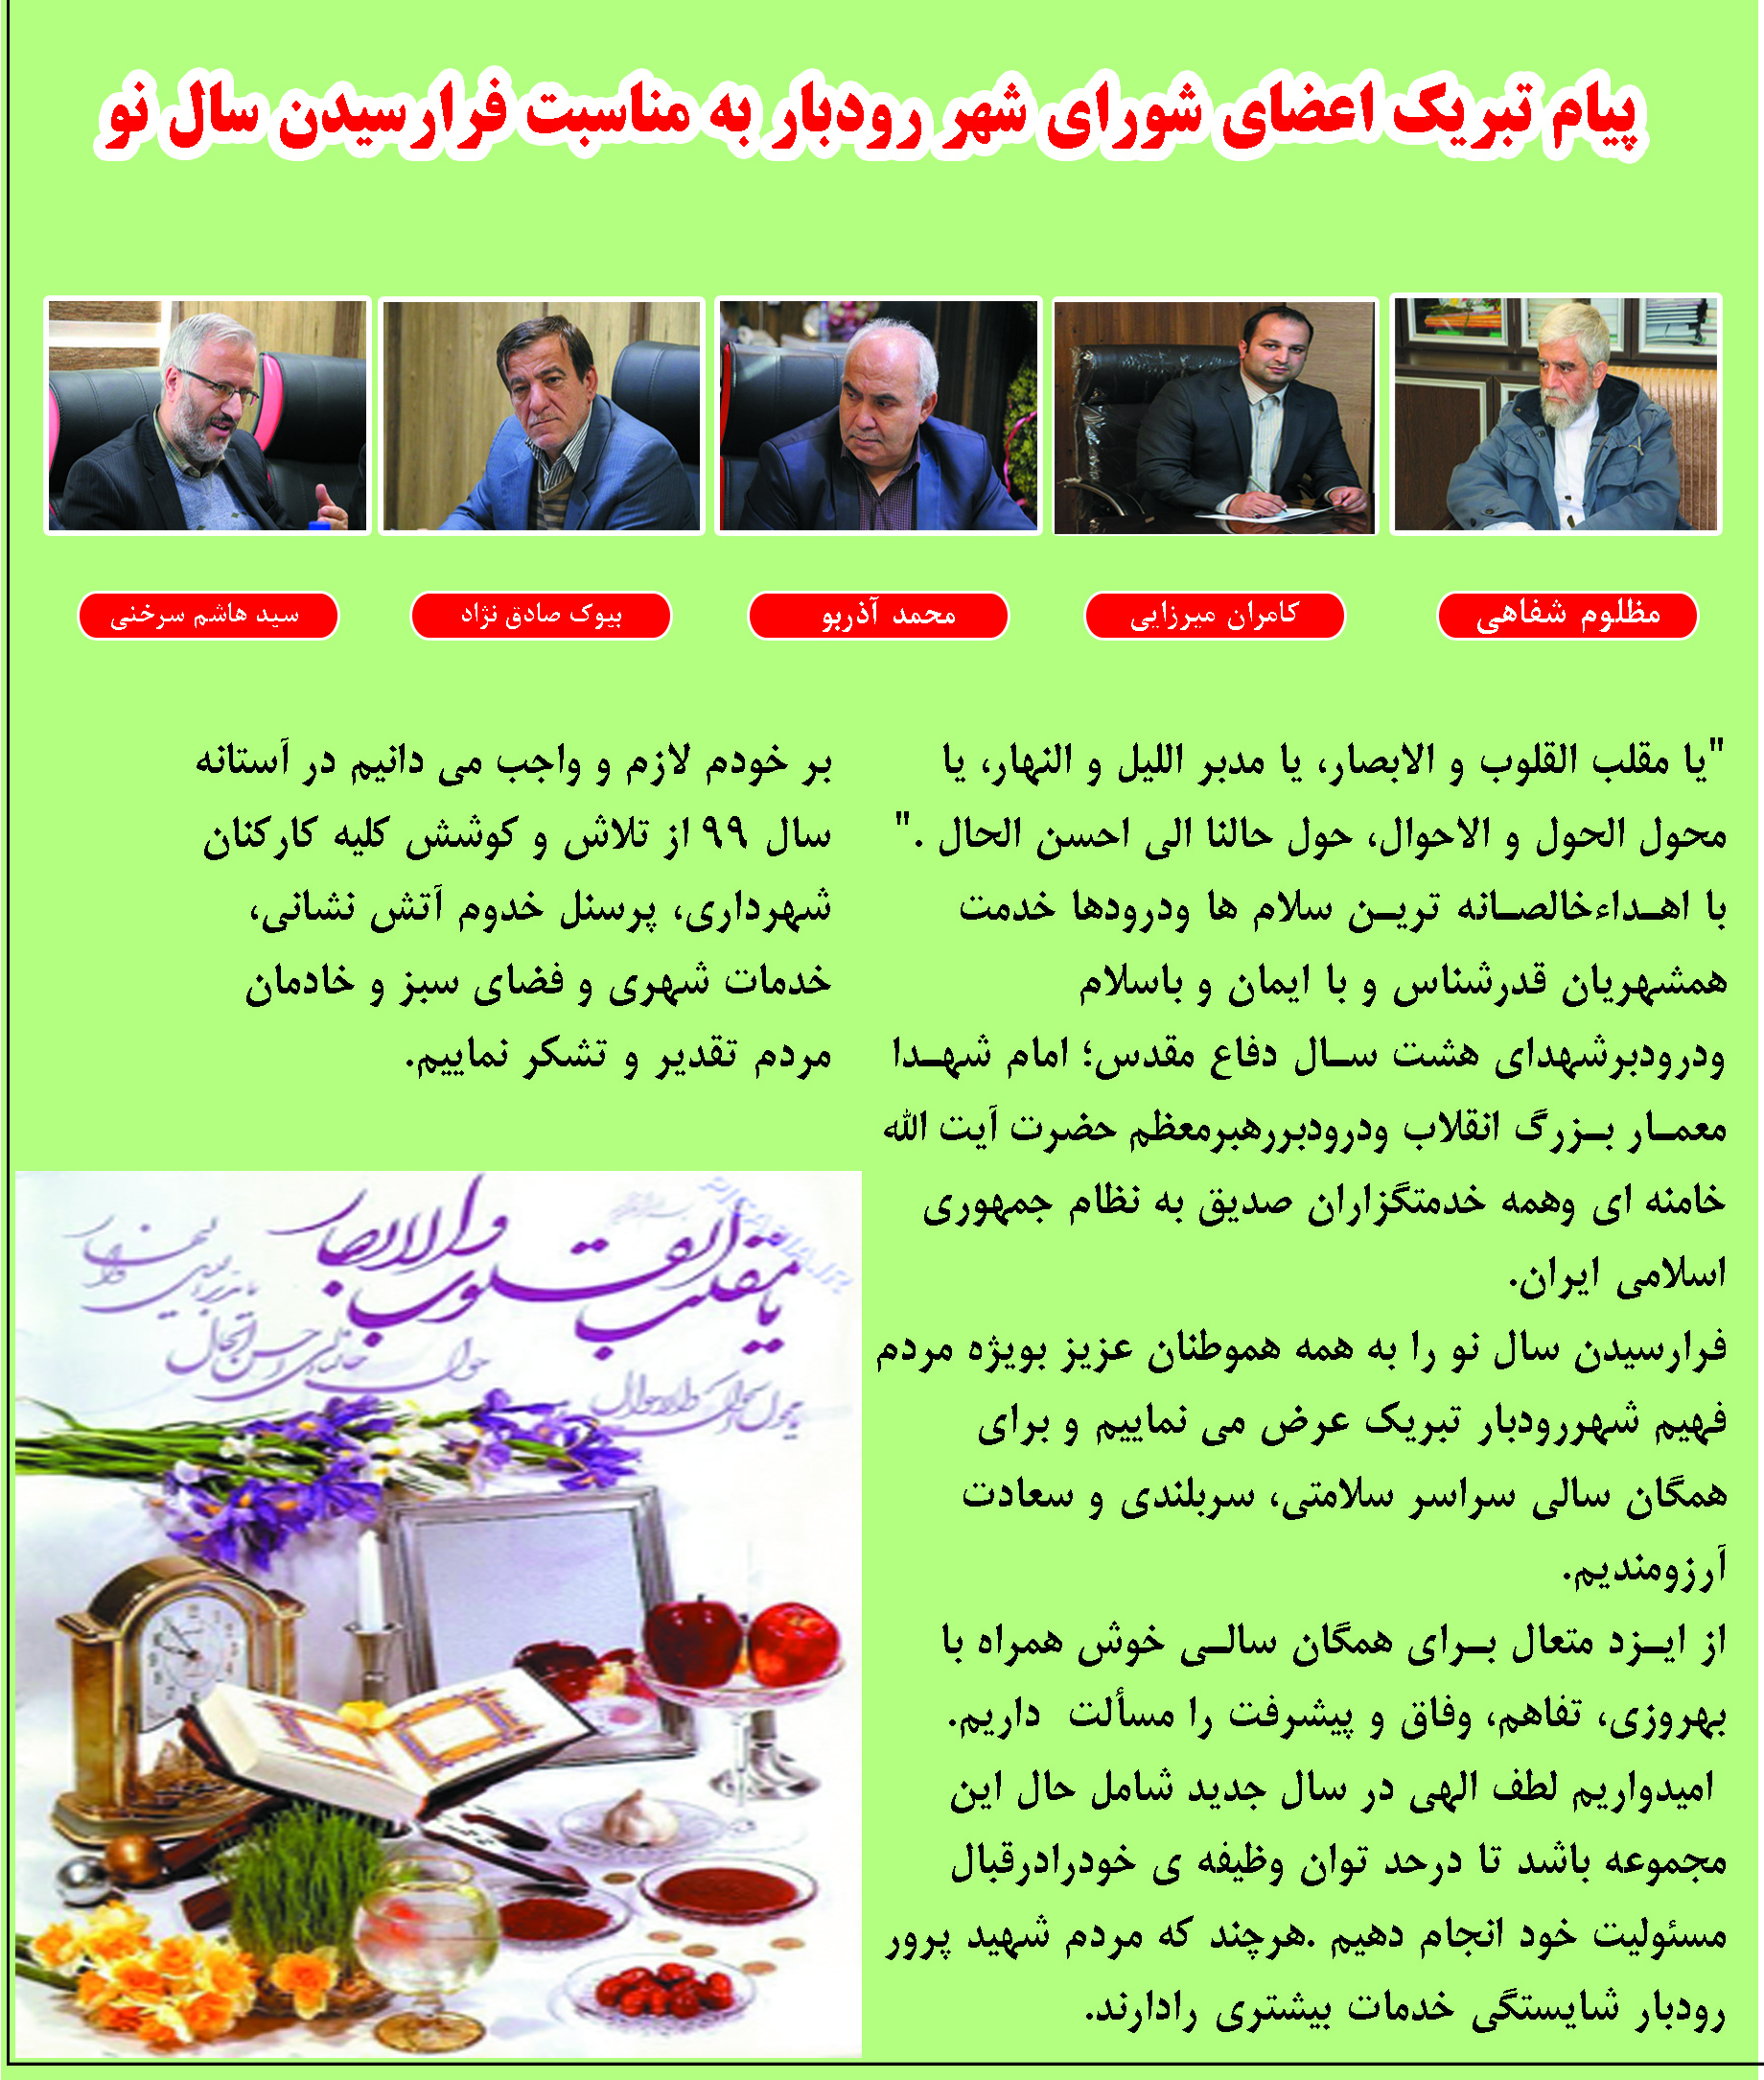 پیام تبریک اعضای شورای شهر رودبار به مناسبت فرارسیدن سال نو